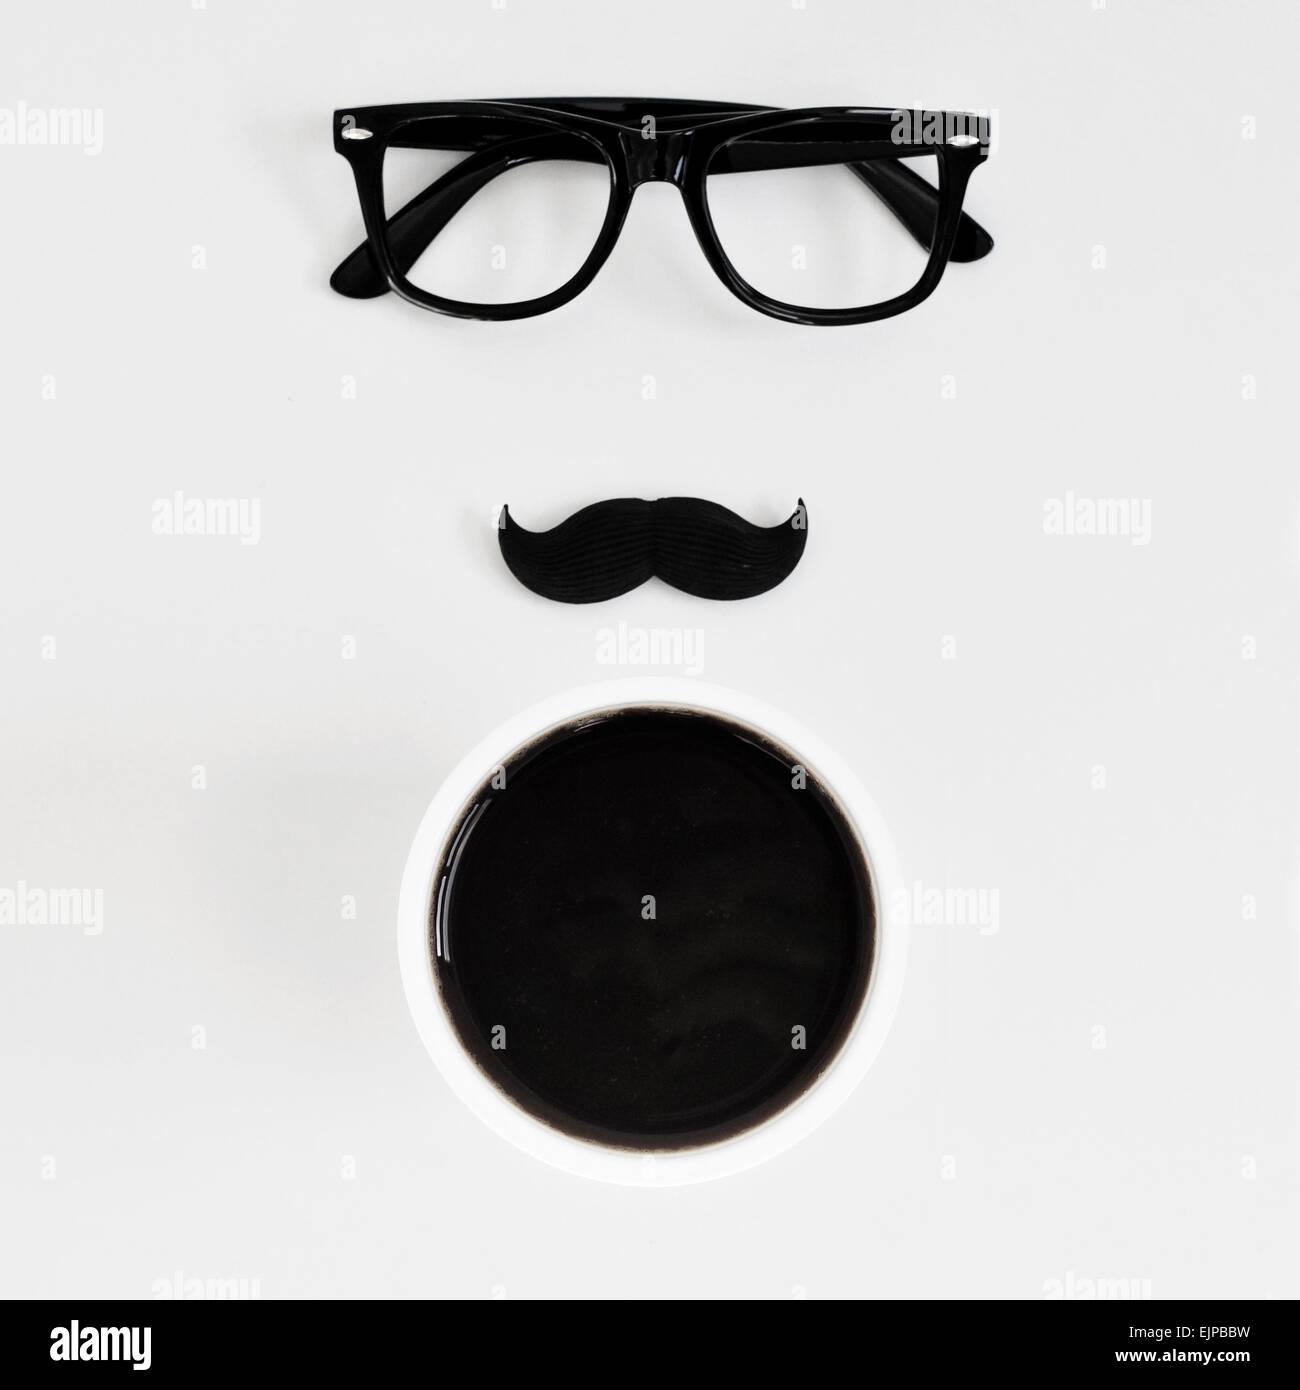 Capture d'un grand angle d'un tableau blanc avec une paire de lunettes cerclées de noir en plastique, Photo Stock